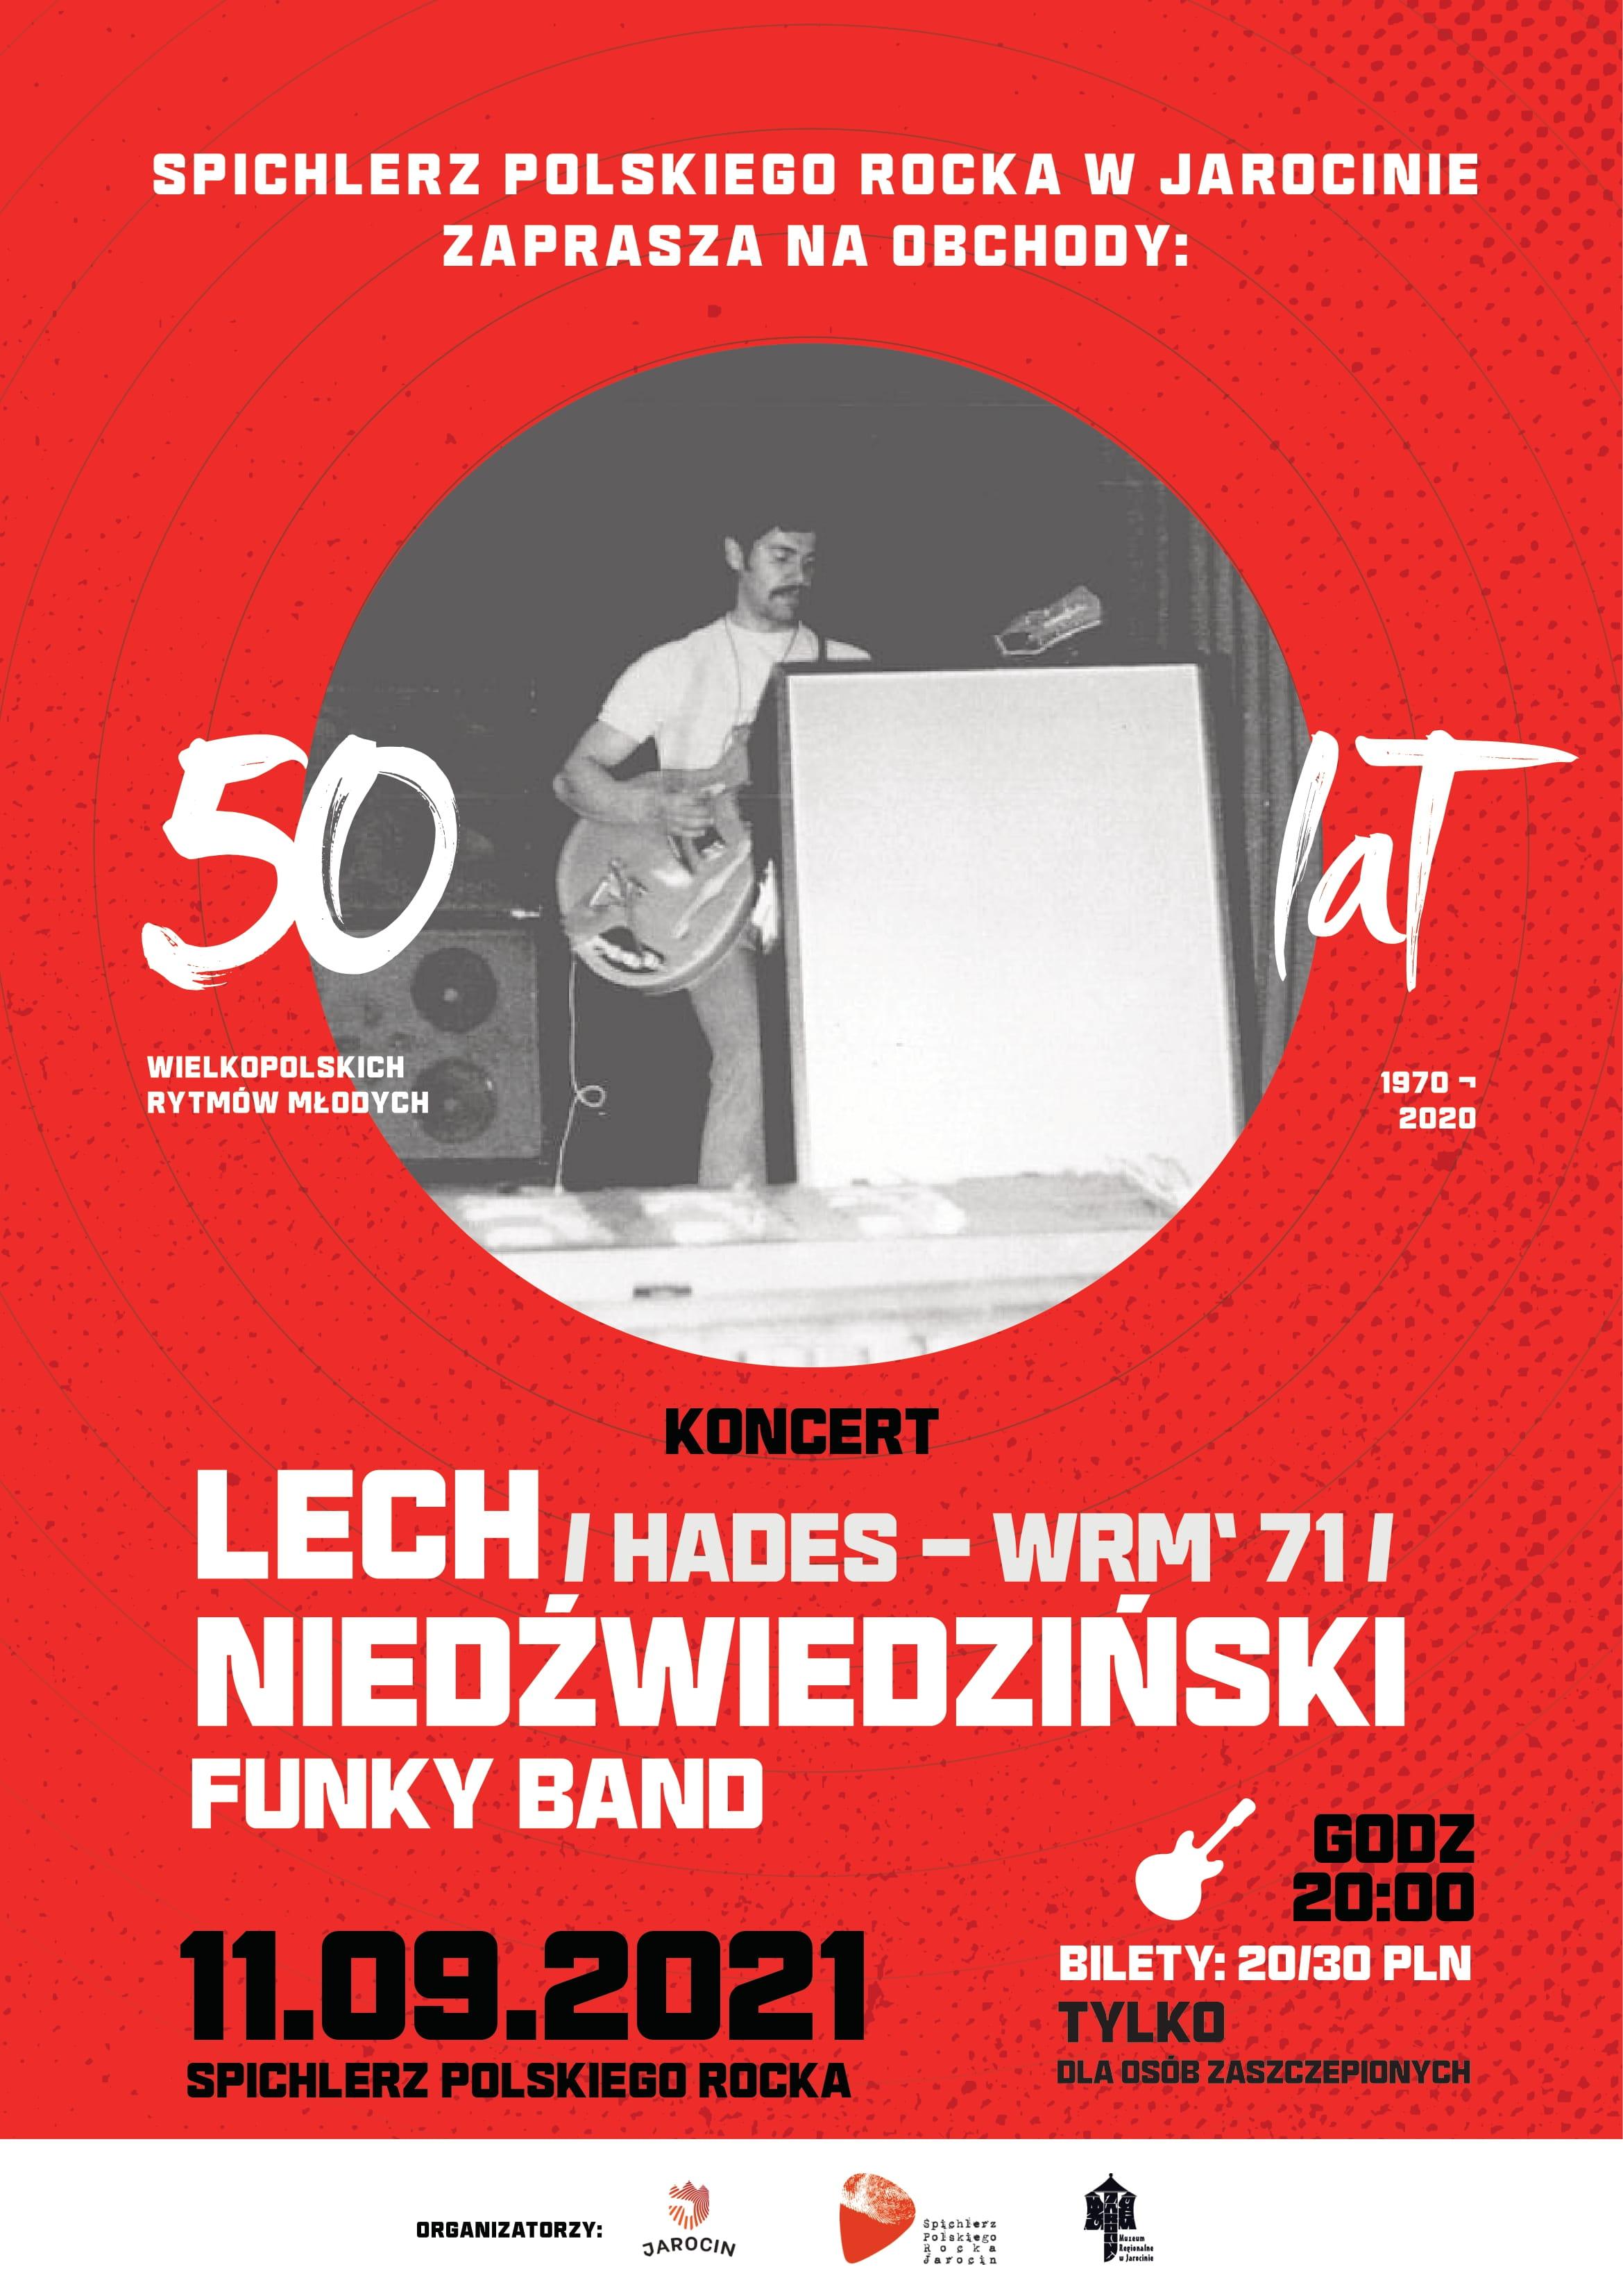 Funky Band gra Hades – koncert w SPR. Zapraszamy!